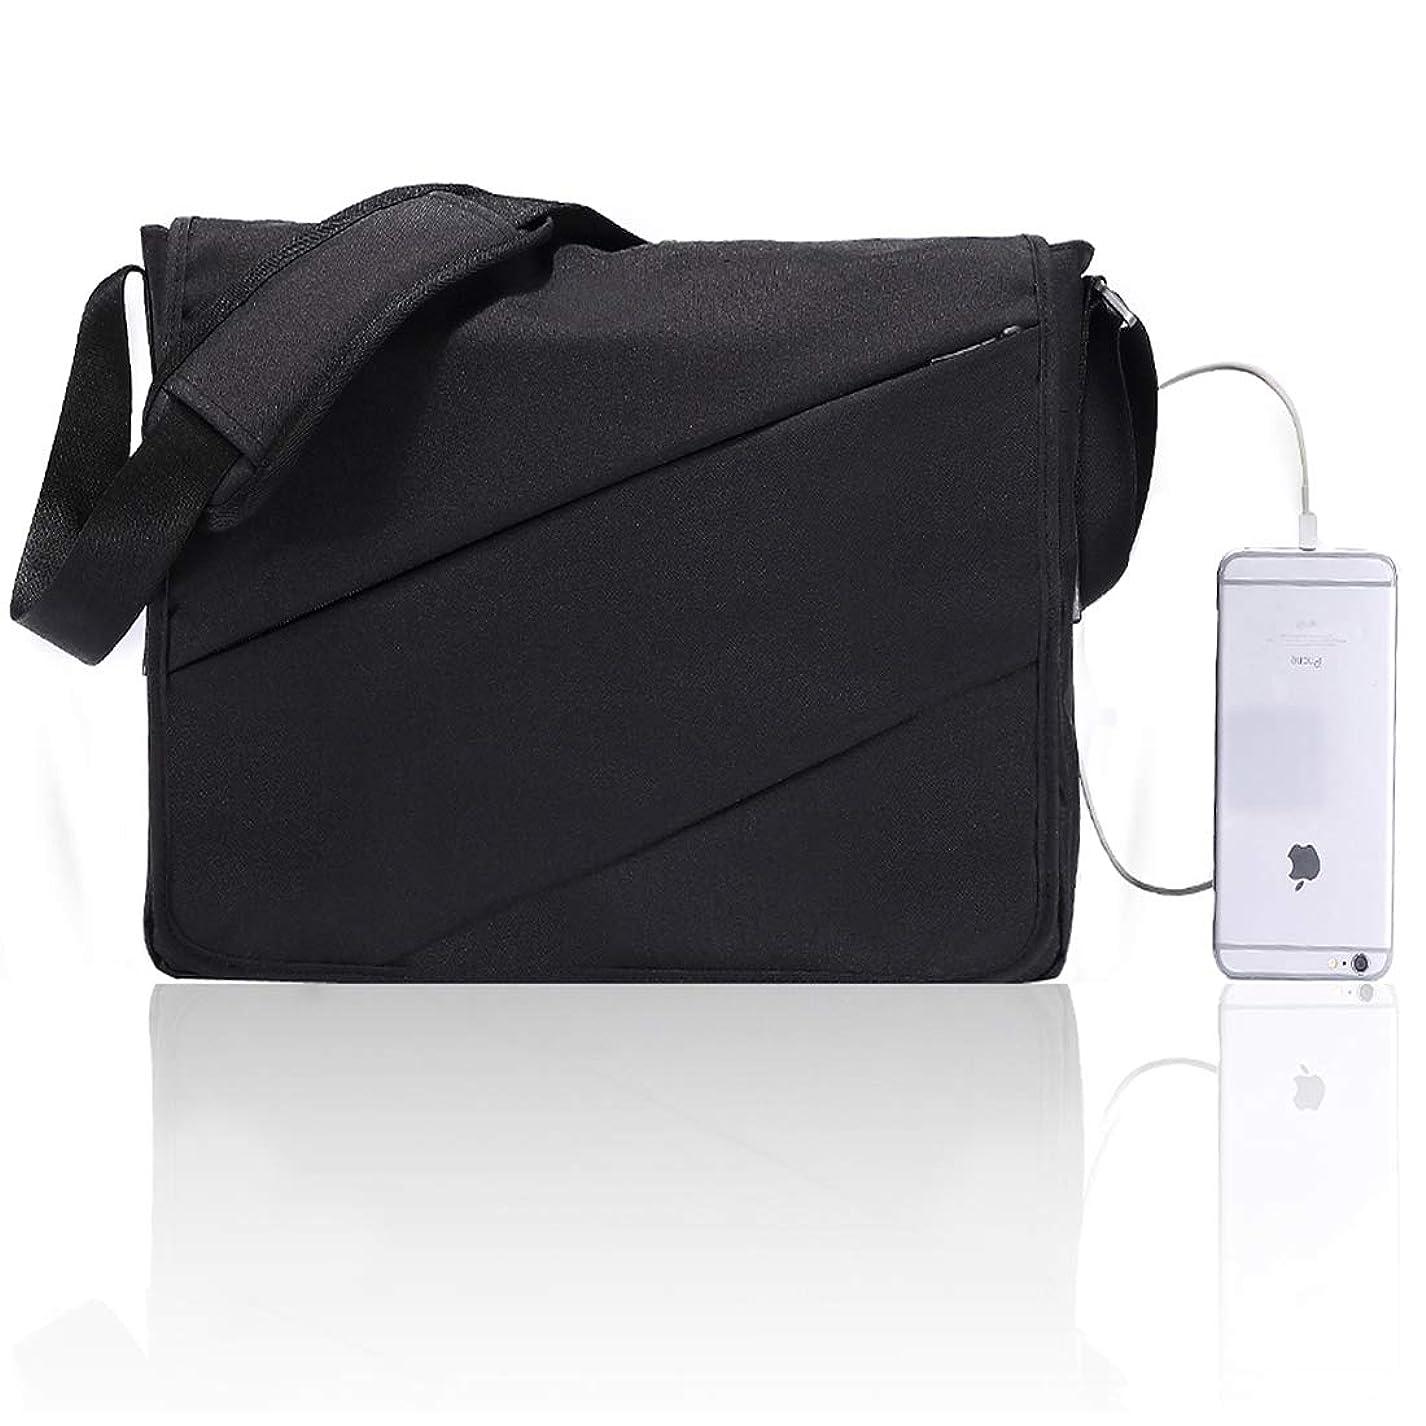 相手誇りに思う子音CHATS メンズショルダーバッグ A4ファイル対応の大容量バッグ ブラック グレー B-M-01